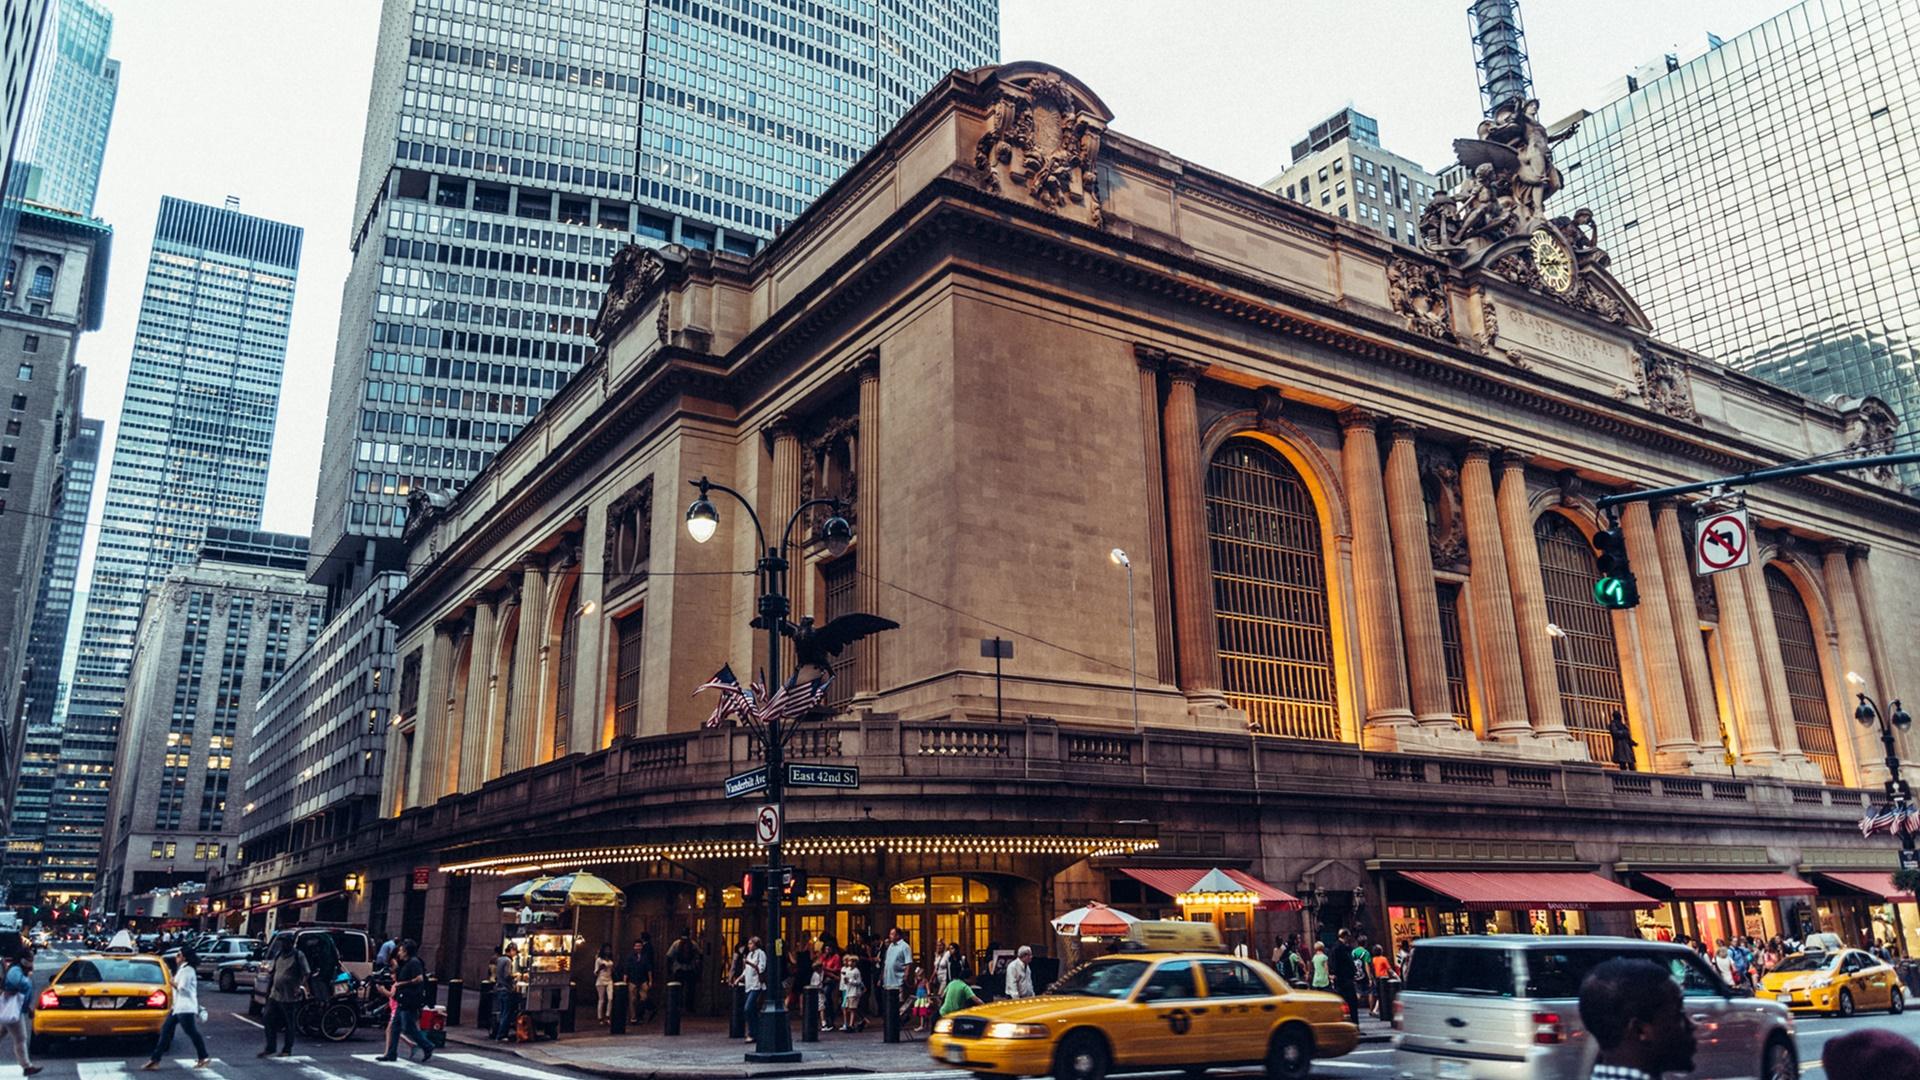 New York Central Station Outside wallpaper